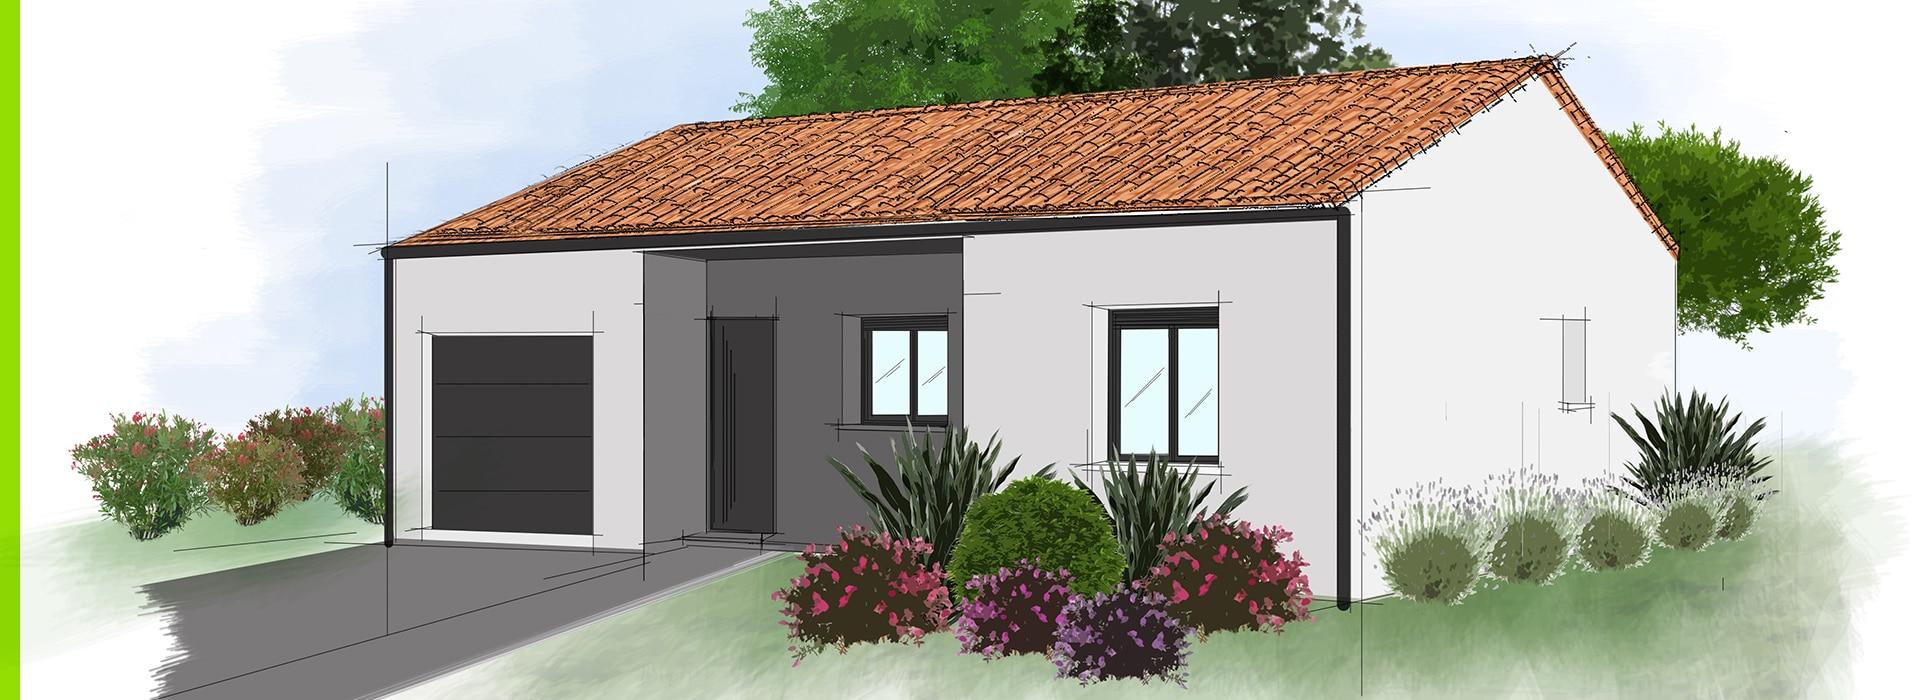 La maison V2